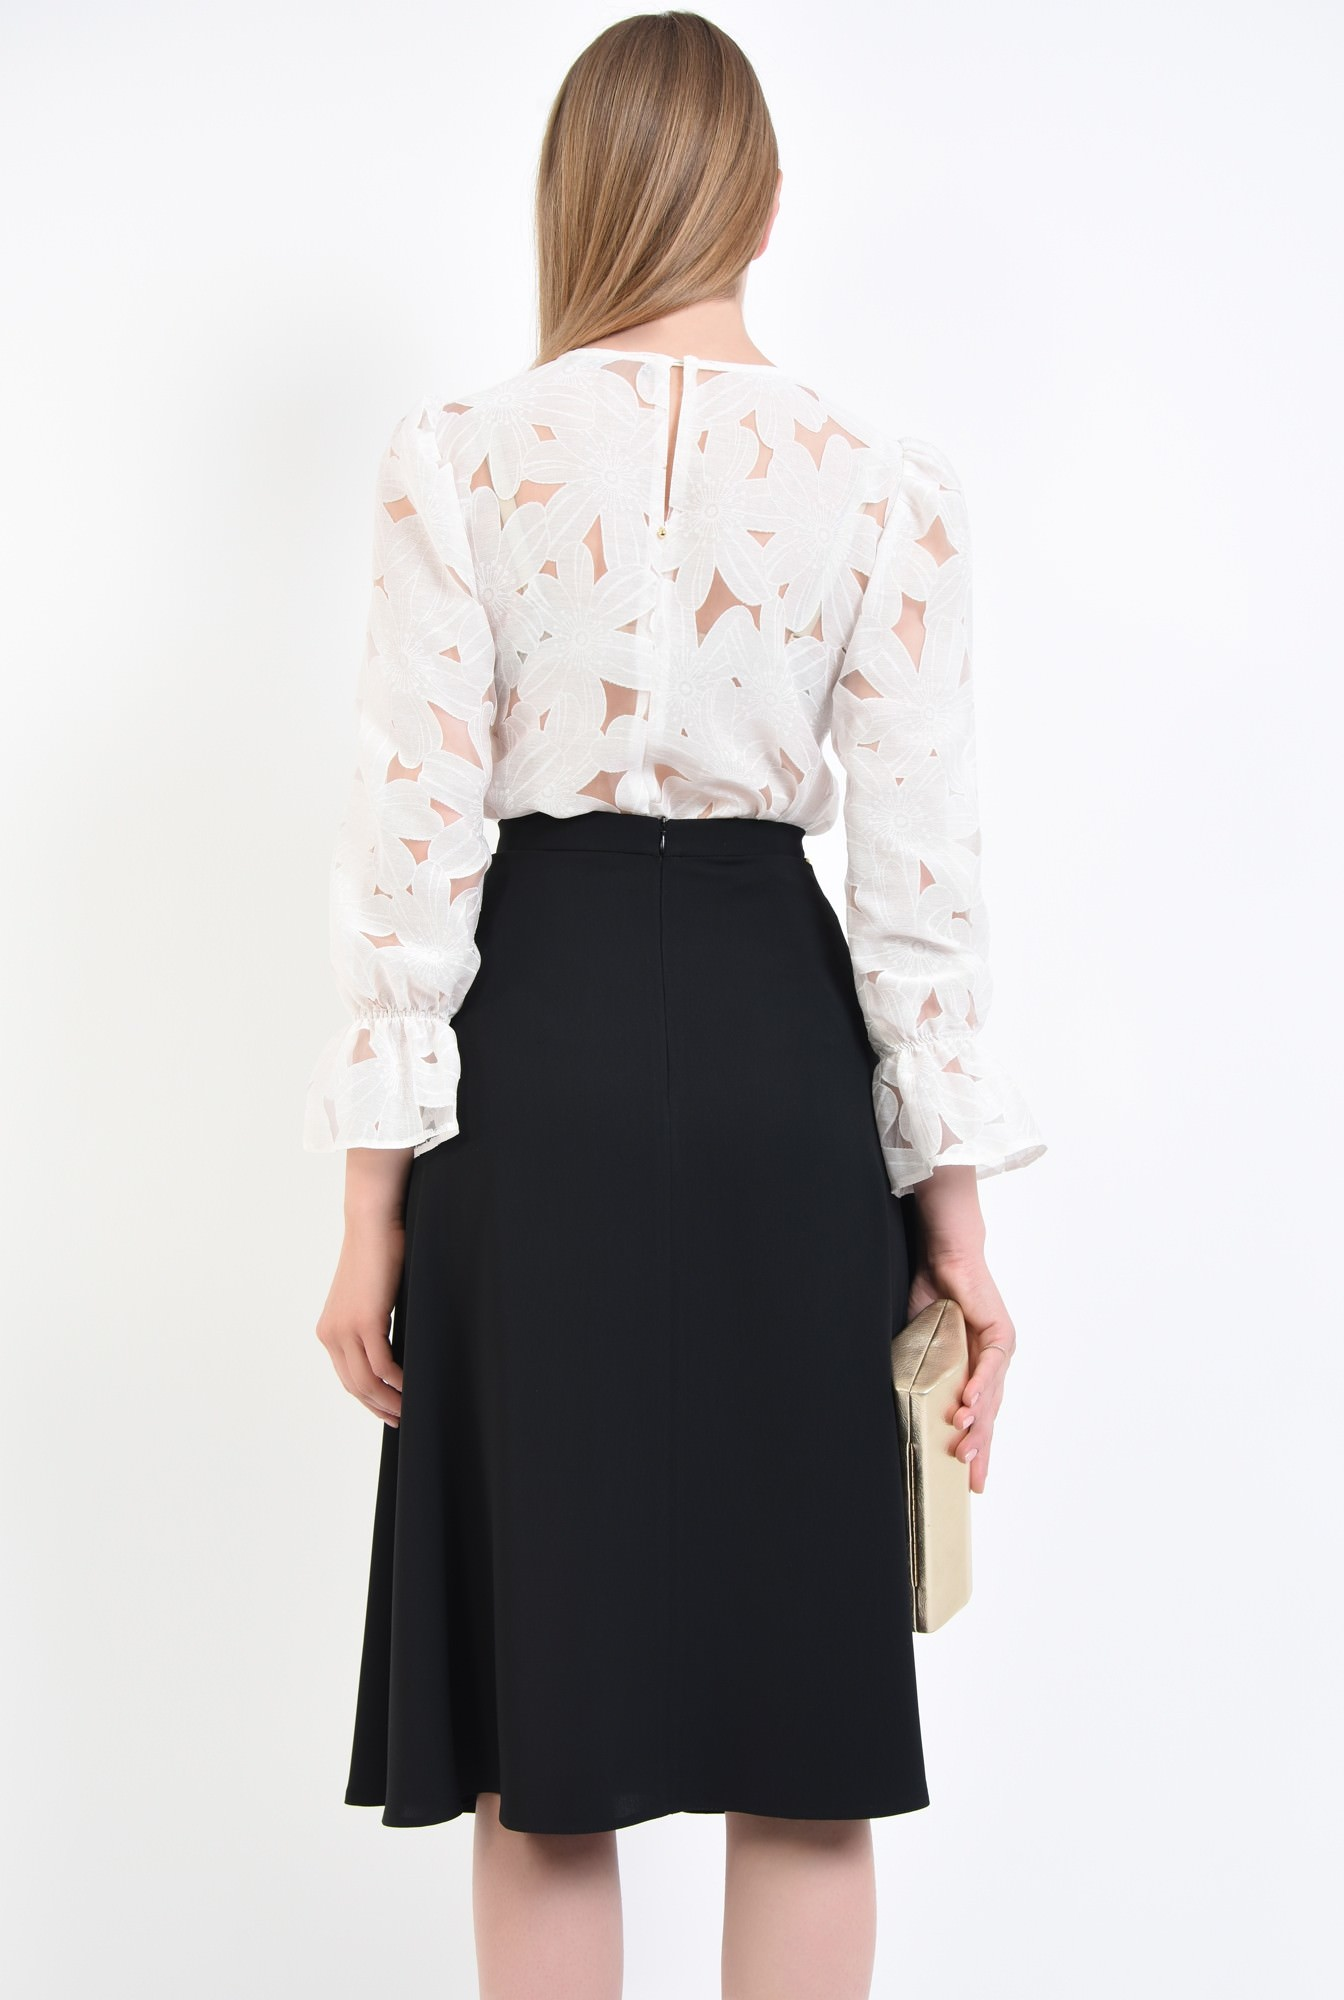 1 - fusta eleganta, midi, negru, cloche